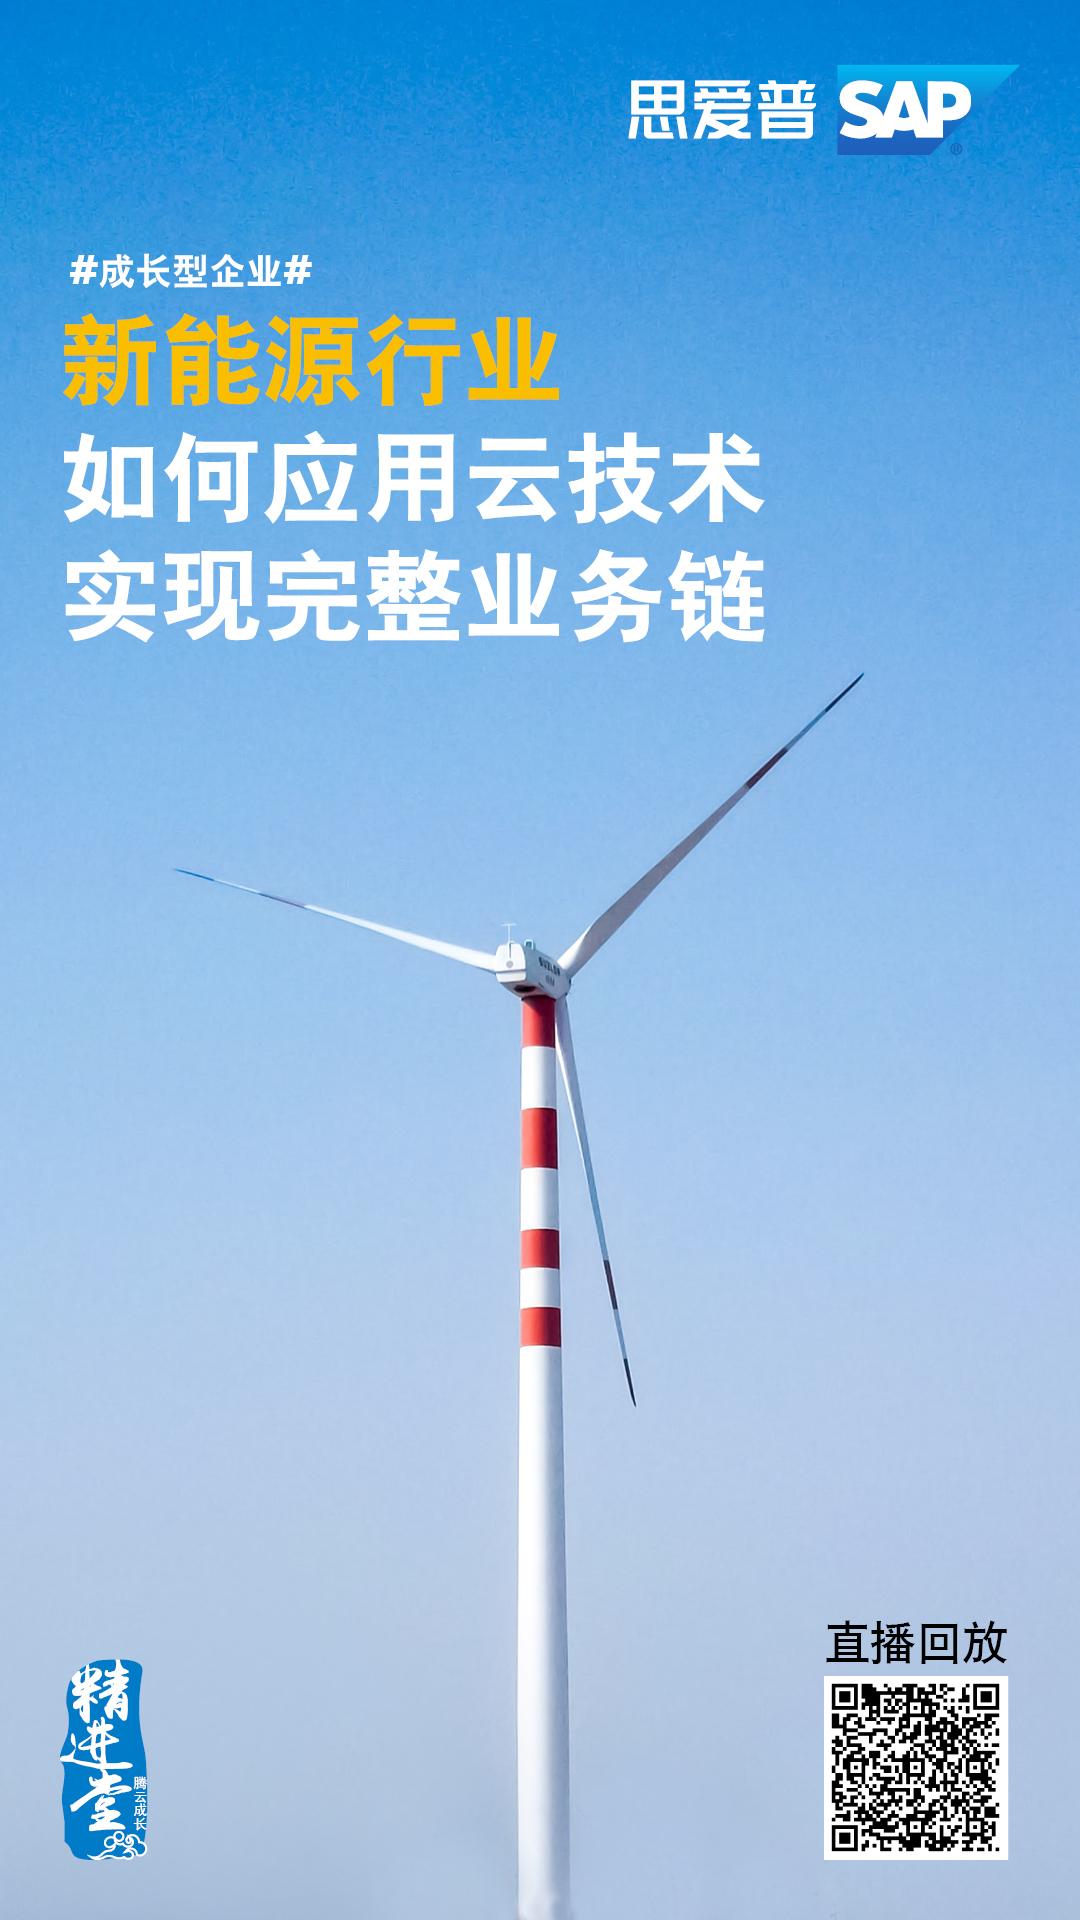 新能源主题.jpg